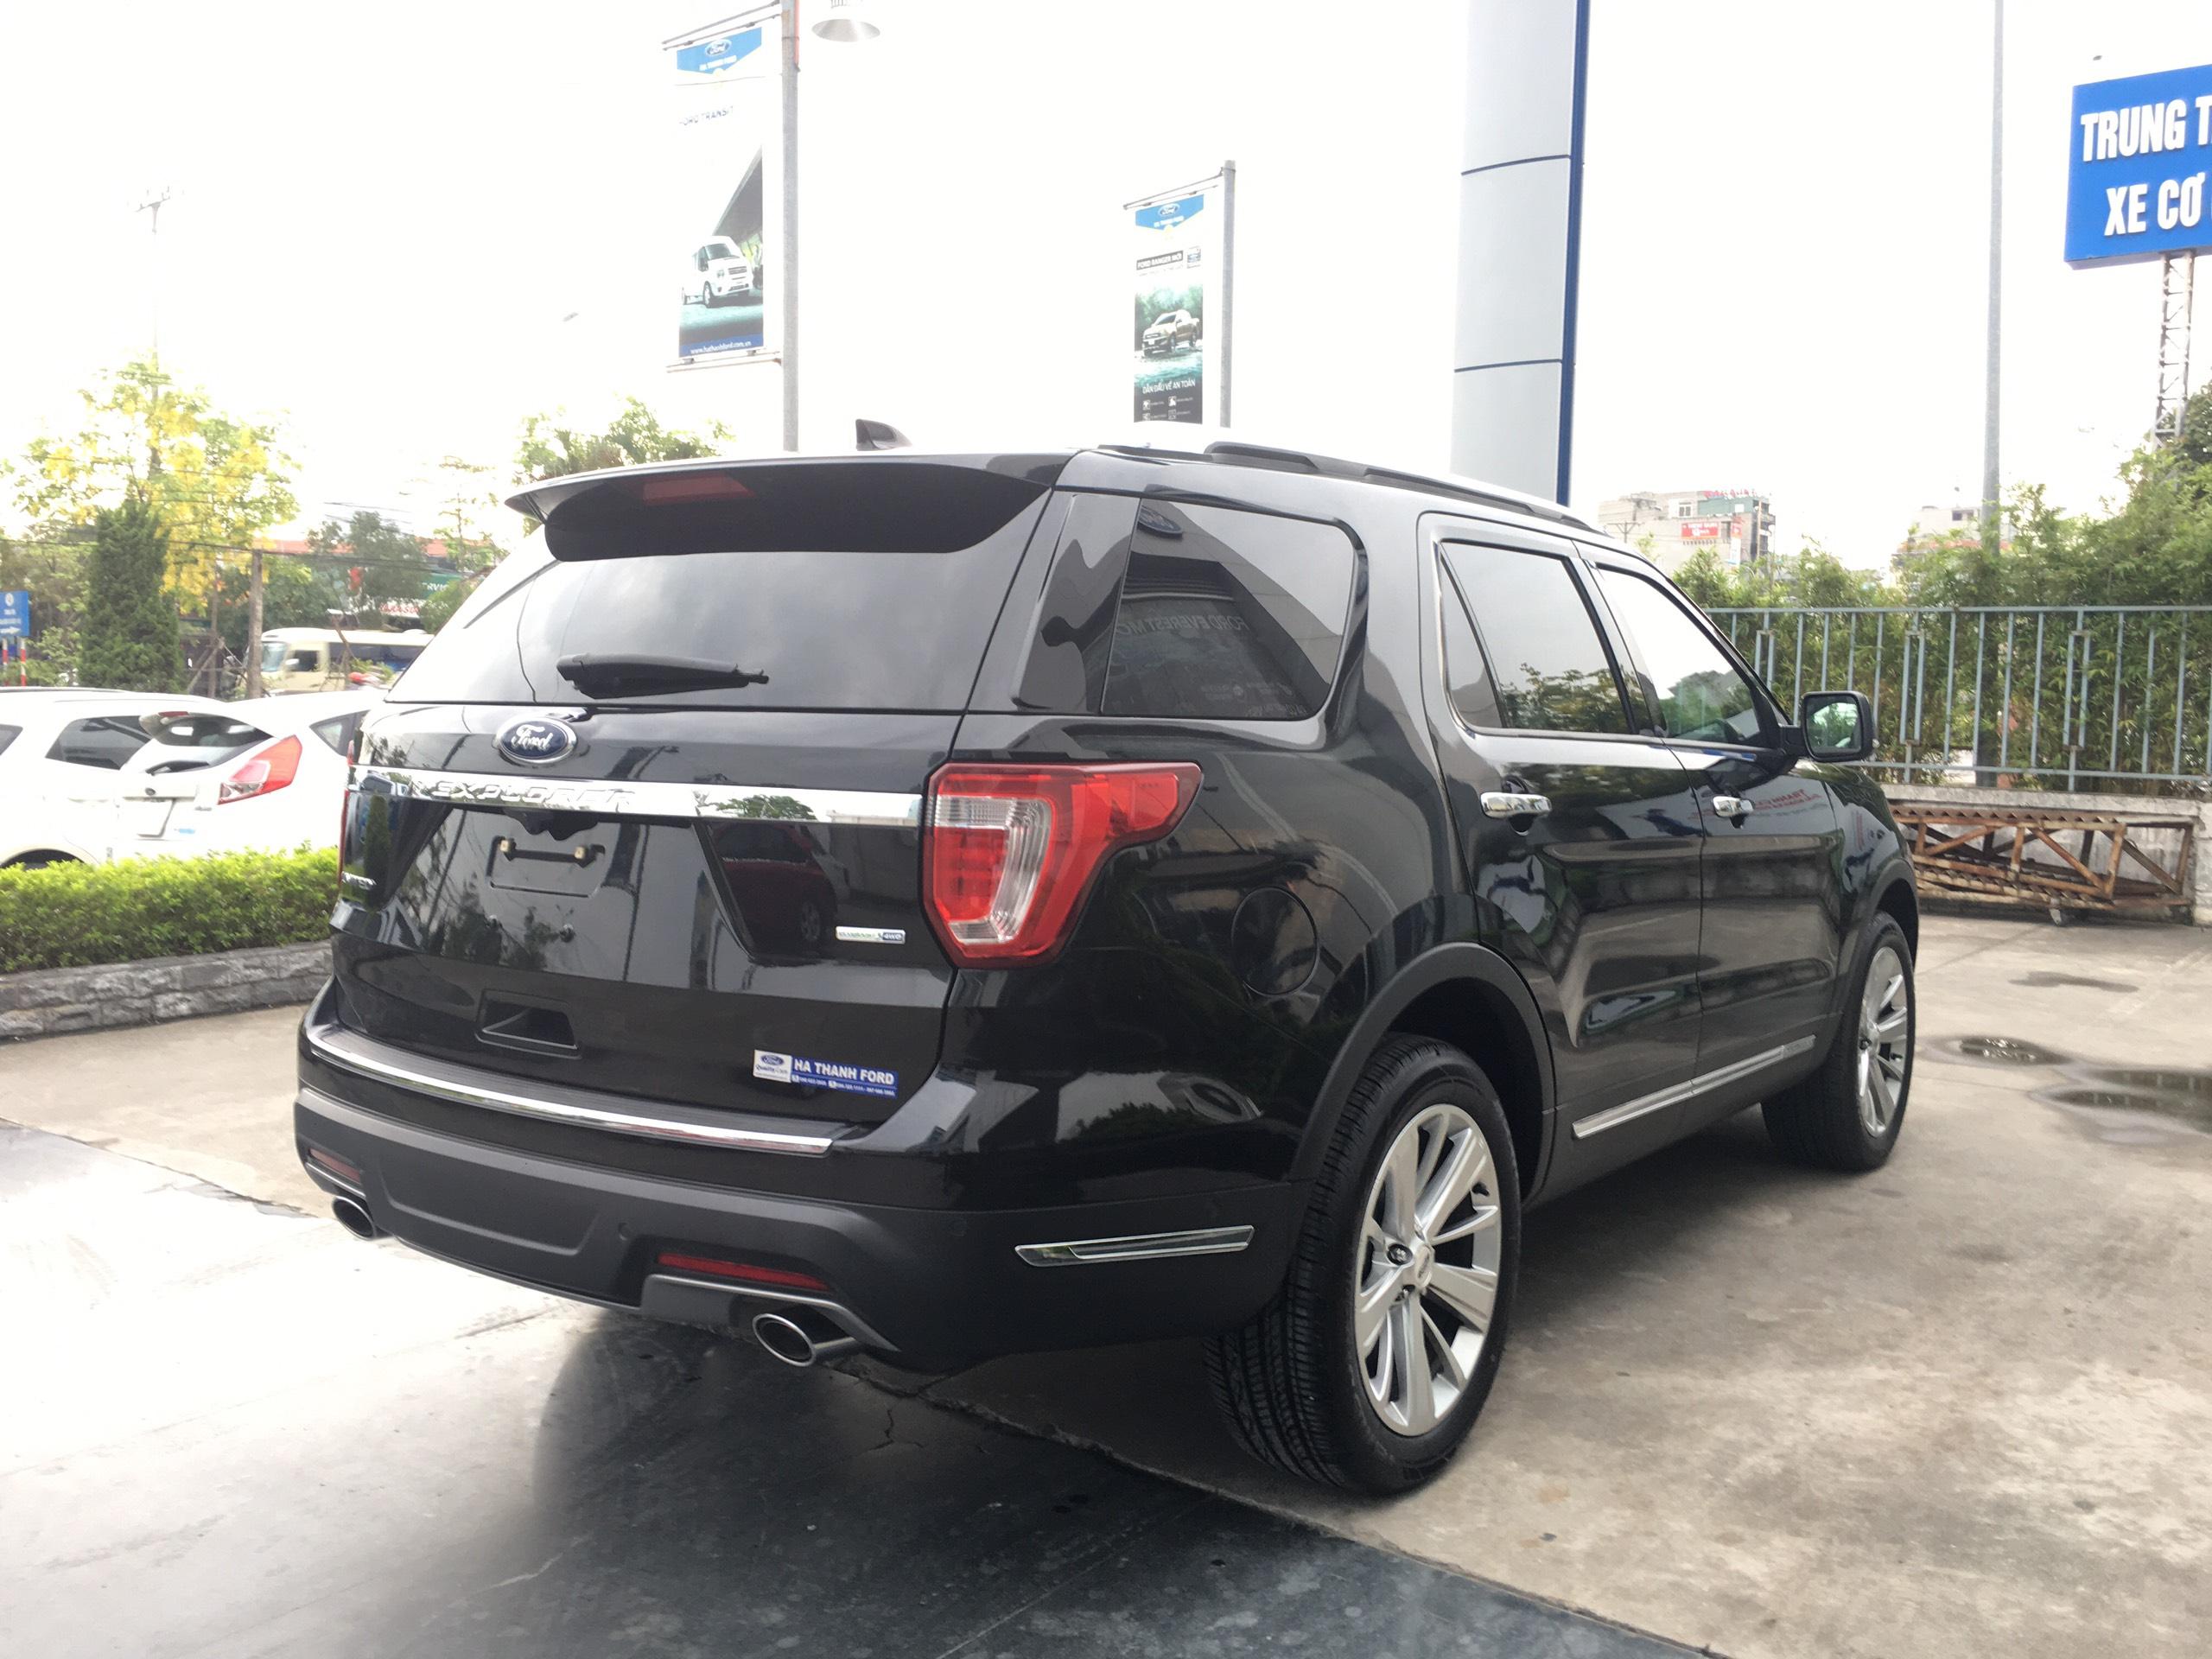 Ford Explorer Limited 2.3l Ecoboost 4WD 20207